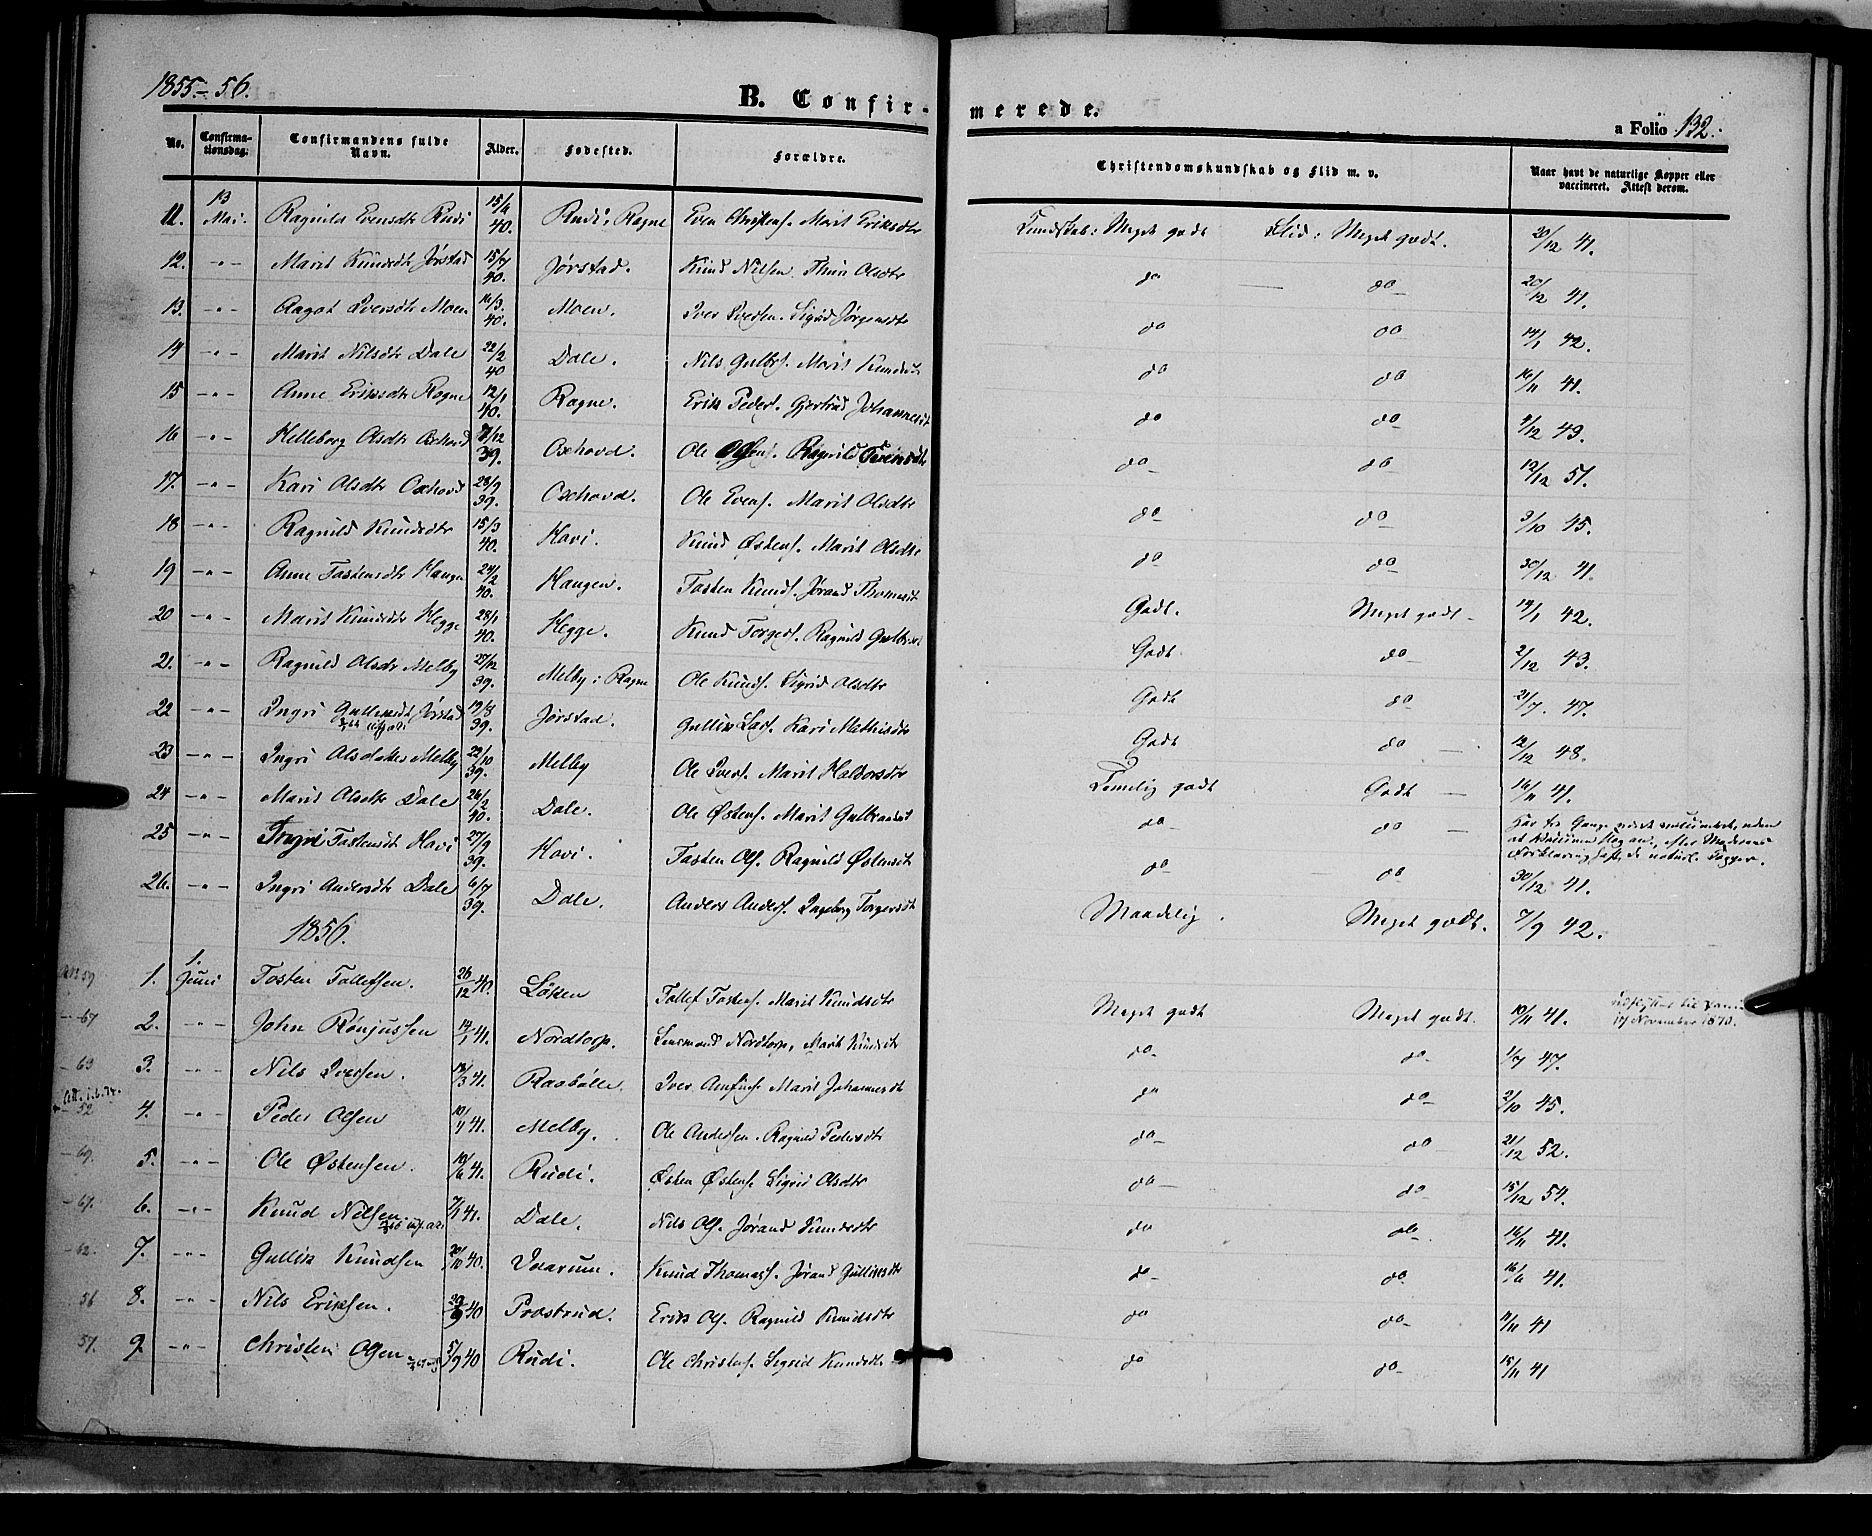 SAH, Øystre Slidre prestekontor, Ministerialbok nr. 1, 1849-1874, s. 132